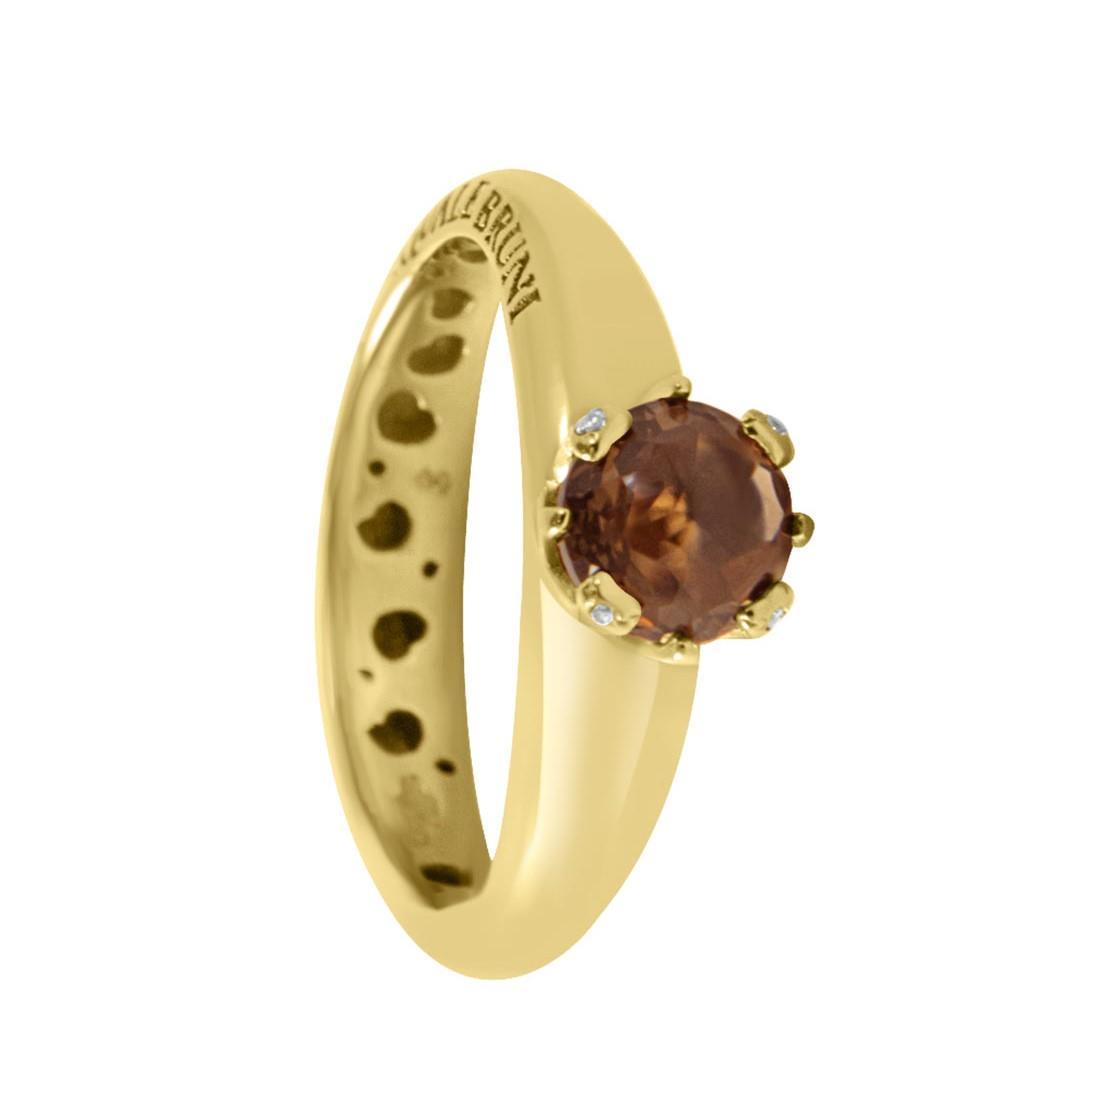 Anello in oro rosa con quarzo fumé e diamanti ct 0.02, misura 13 - PASQUALE BRUNI